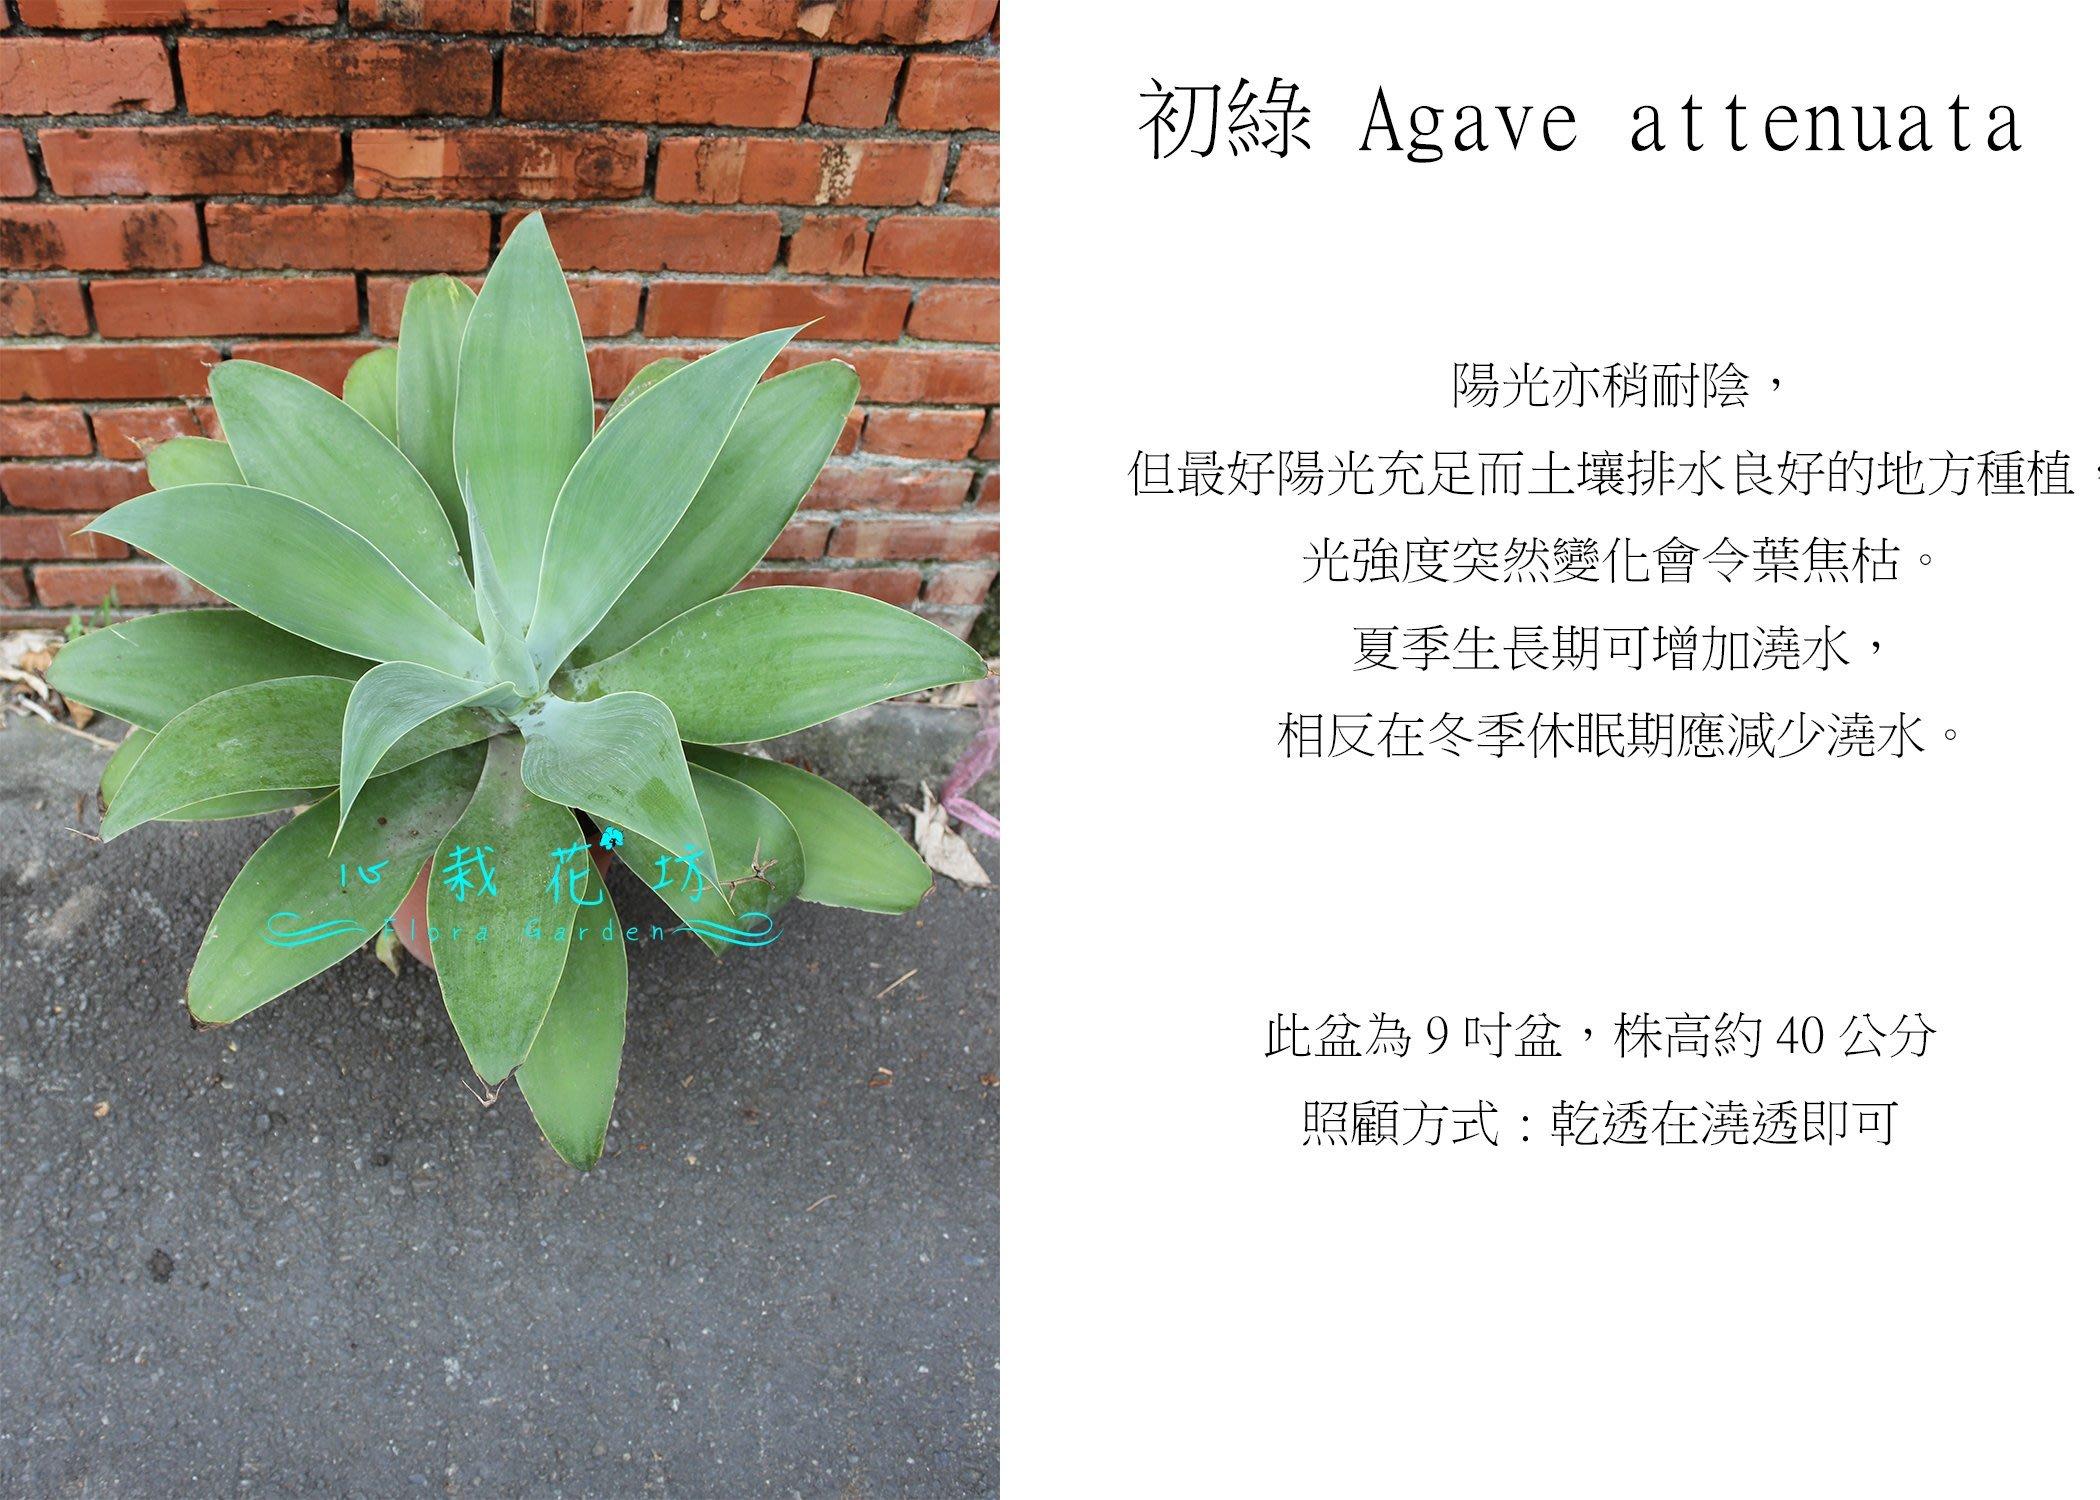 心栽花坊-初綠/翡翠盤/翠綠/龍舌蘭/9吋/觀葉植物/室內植物/綠化植物/售價700特價560